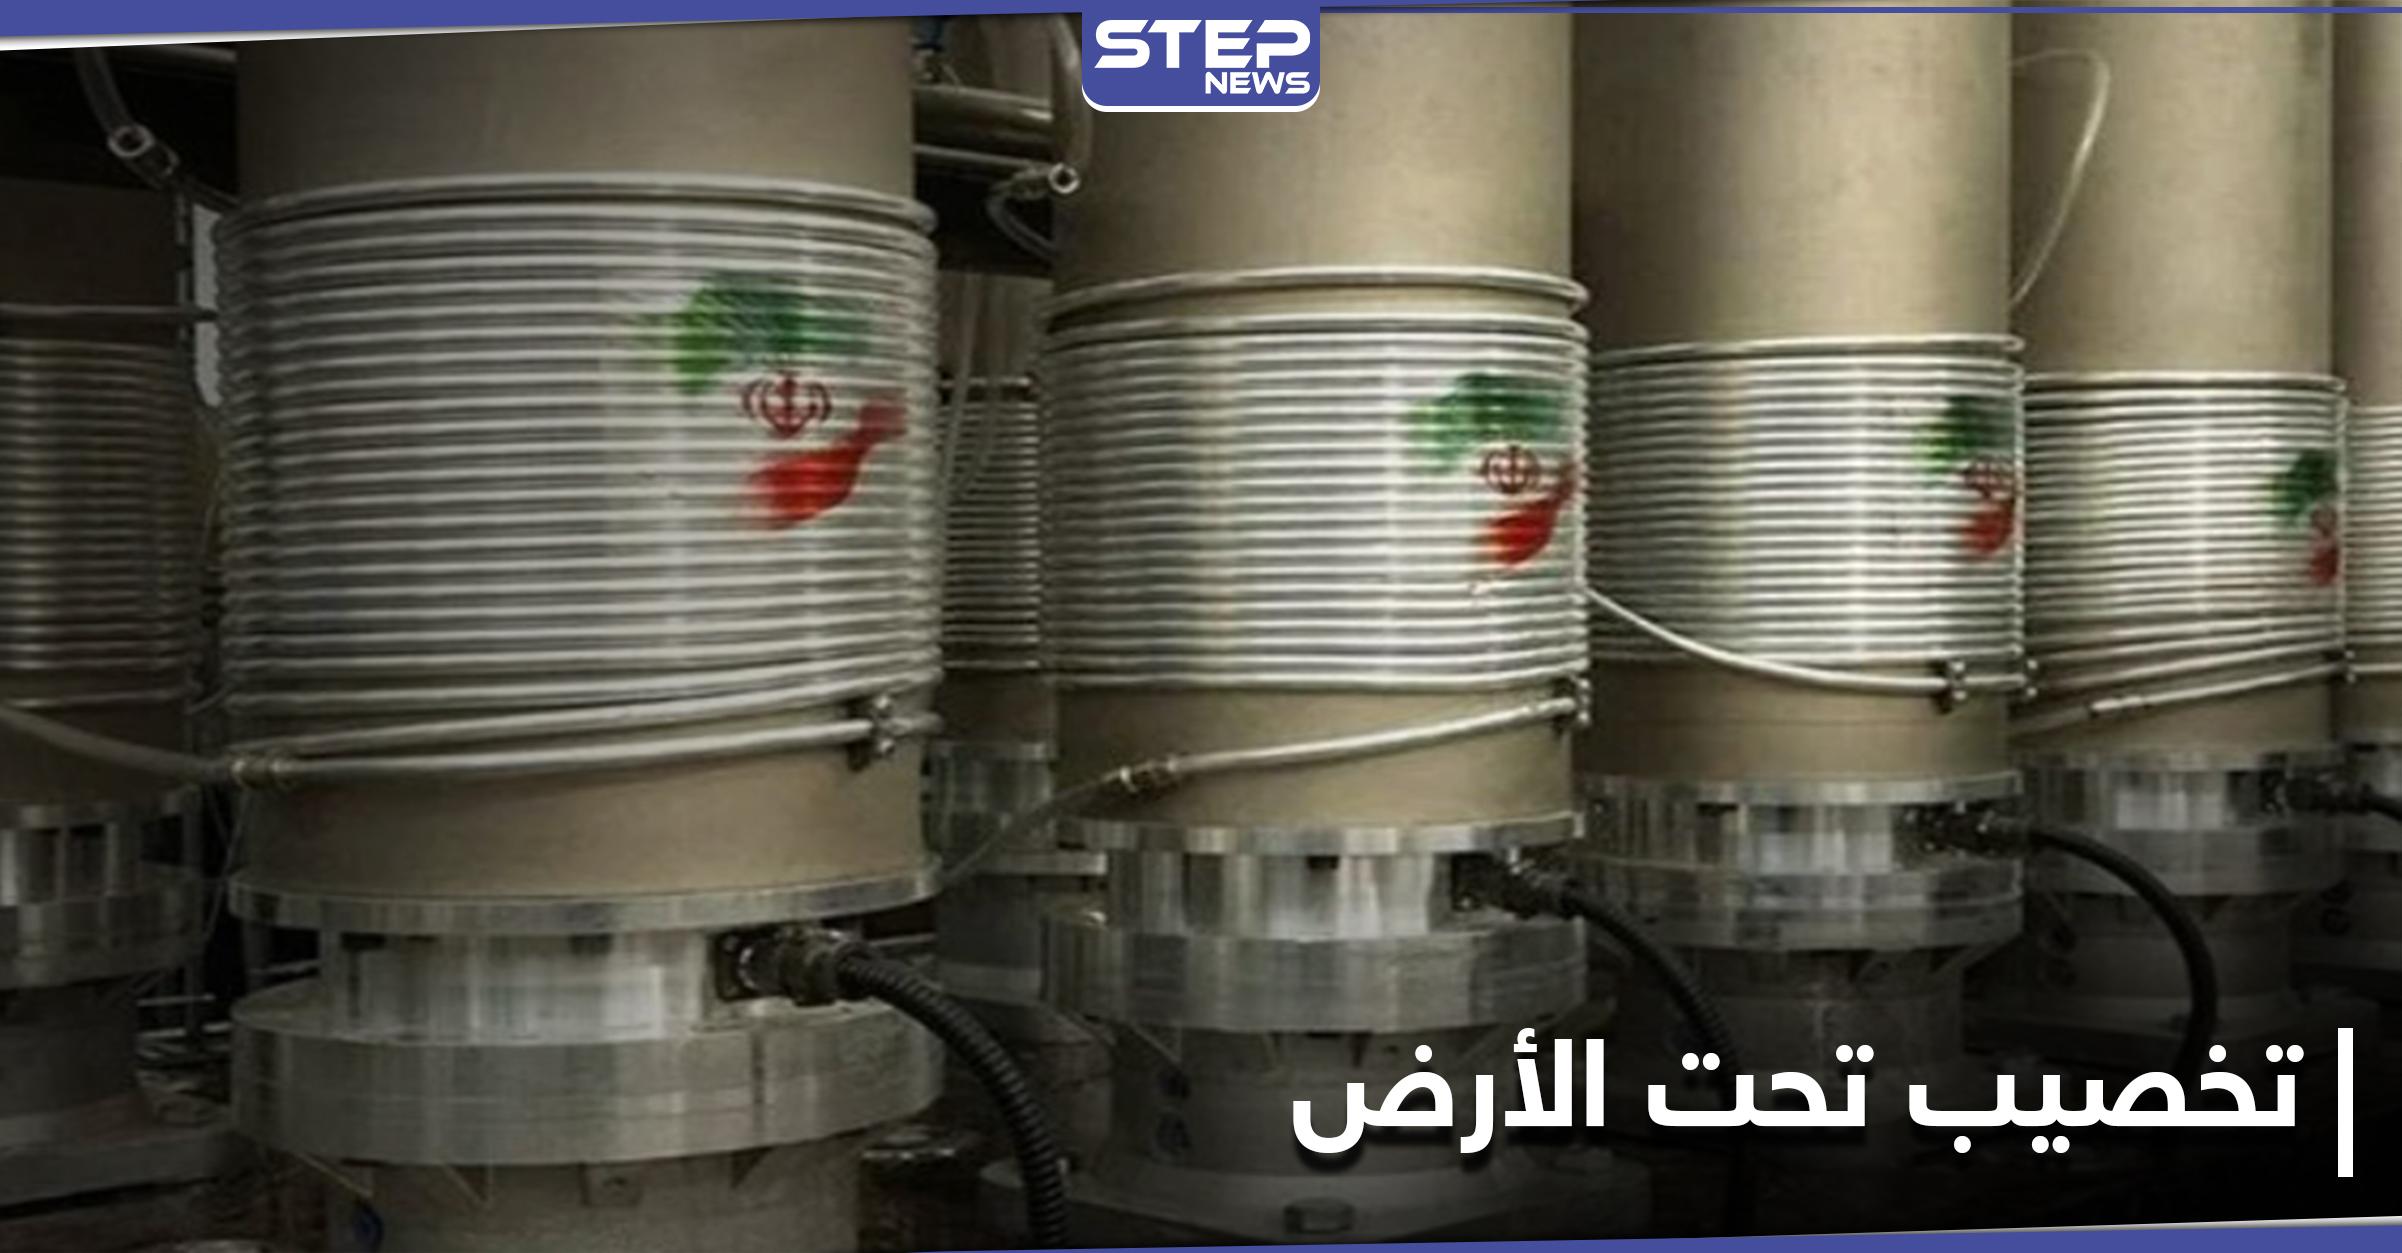 في انتهاك آخر للاتفاق النووي.. إيران تبدأ بالتخصيب بأجهزة متطورة تحت الأرض